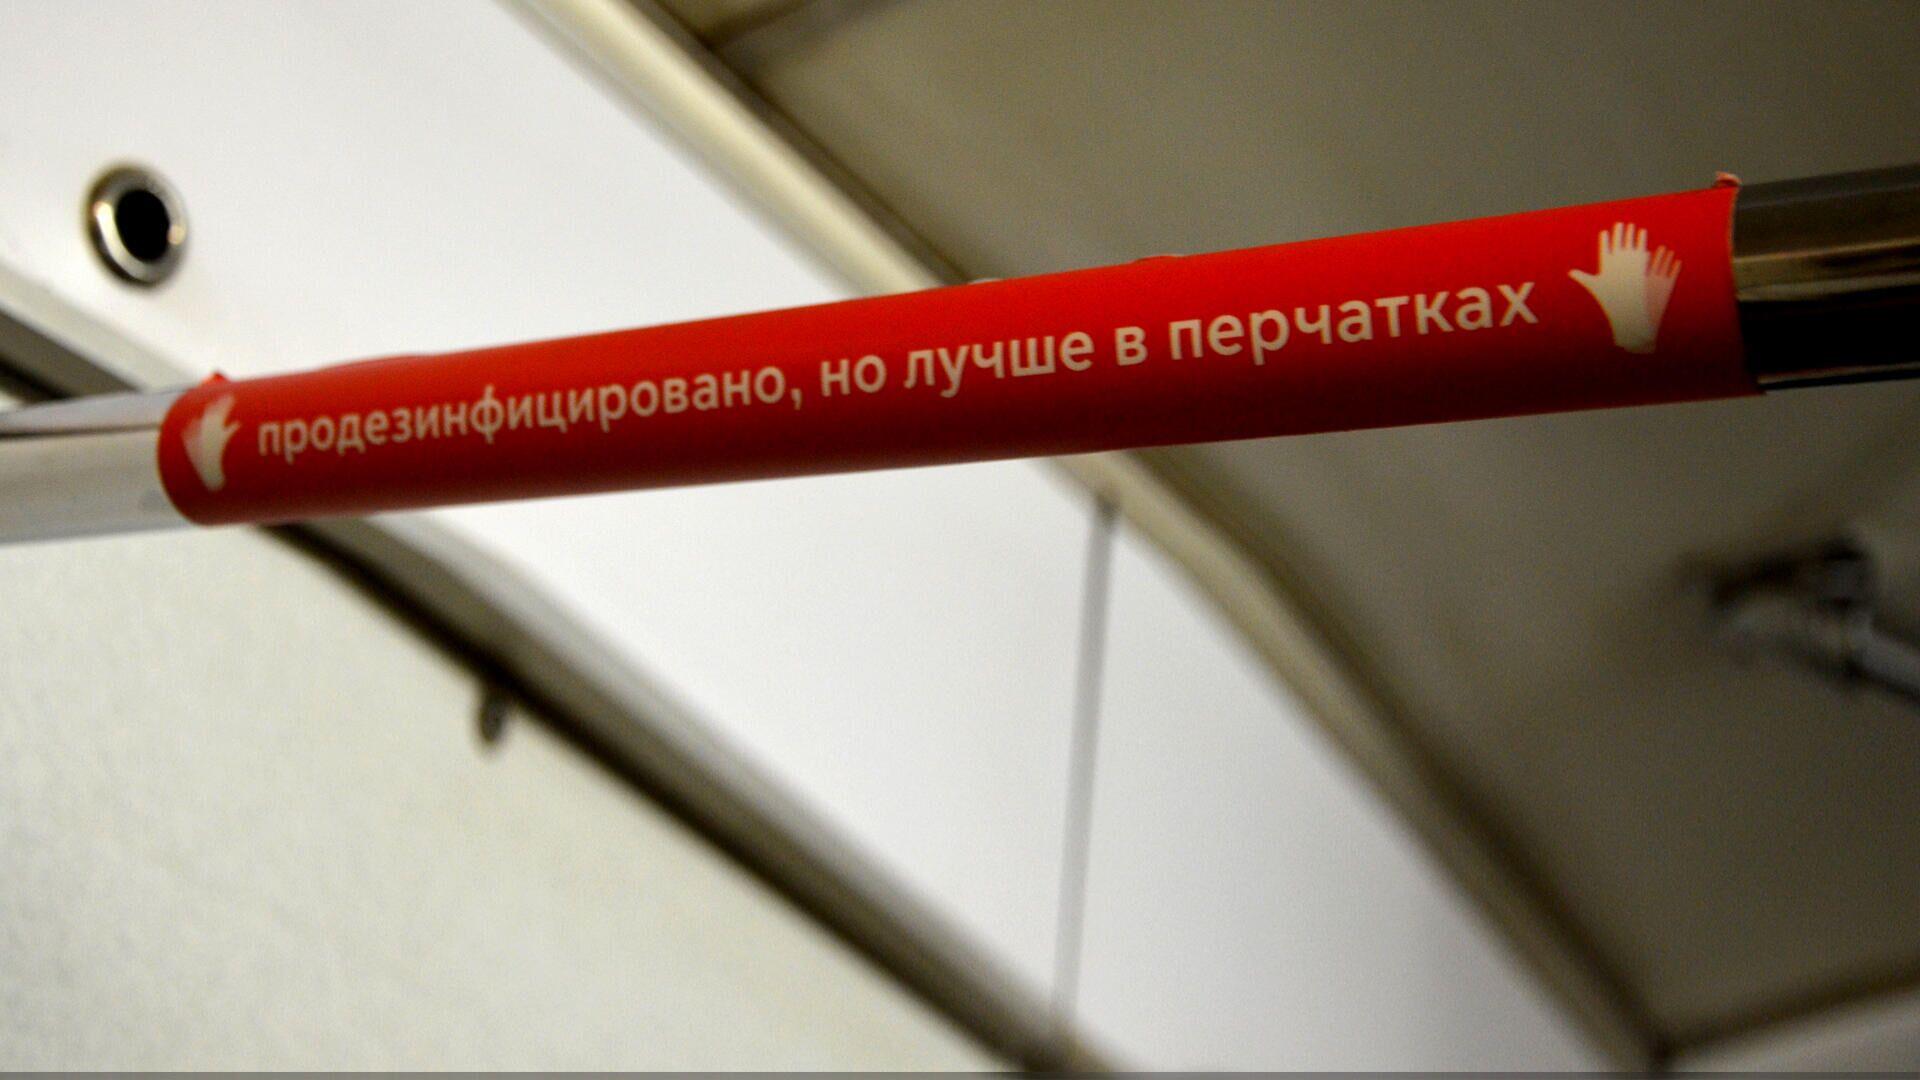 Coronavirus in Russia - scorrimano metropolitana di Mosca, agosto 2021: Disinfettato, ma meglio con i guanti - Sputnik Italia, 1920, 26.08.2021